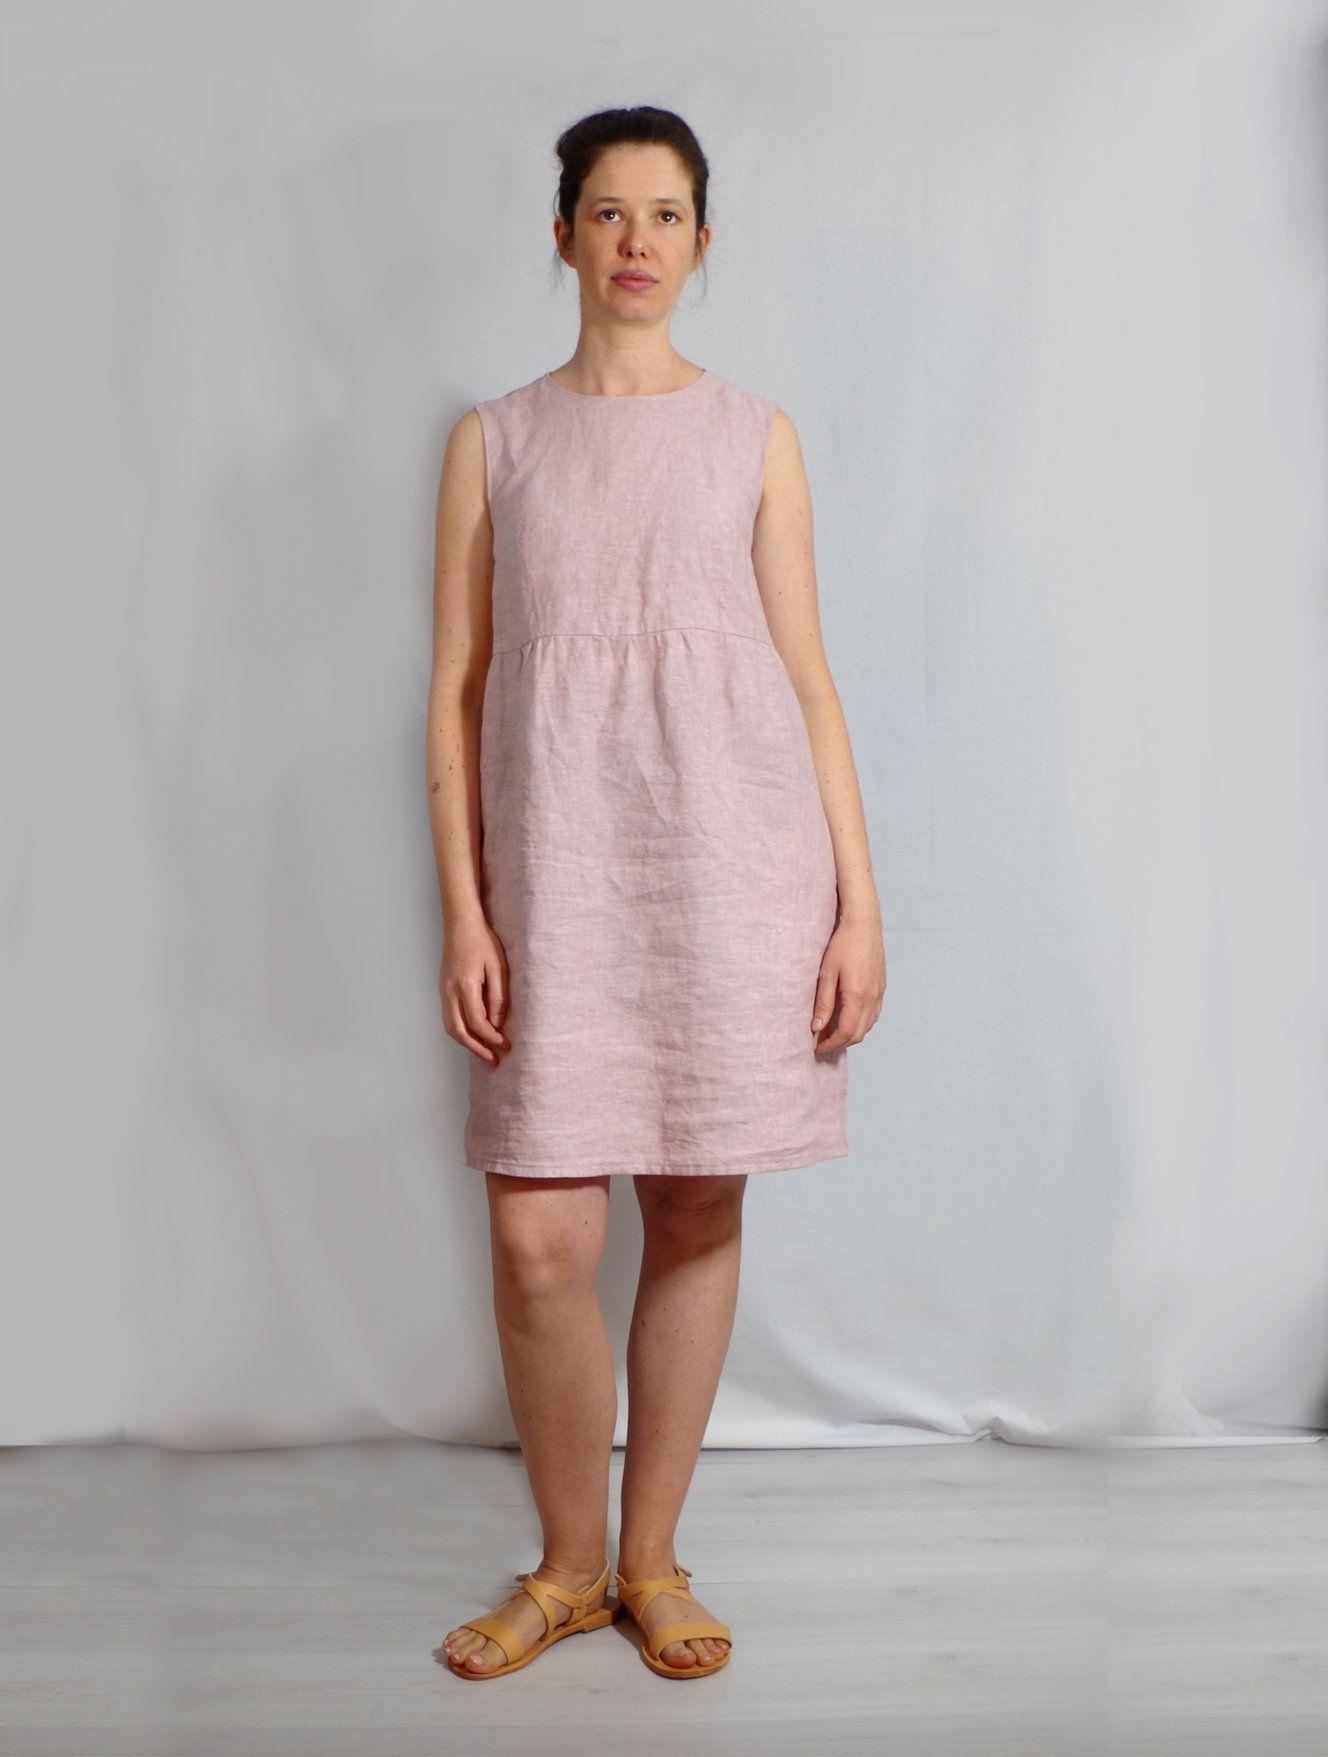 Photo of Vestito. Abito in lino rosa attillato senza maniche. Tasche laterali. Abito con bottoni, abito estivo femminile per città e spiaggia. FATTO SU MISURA